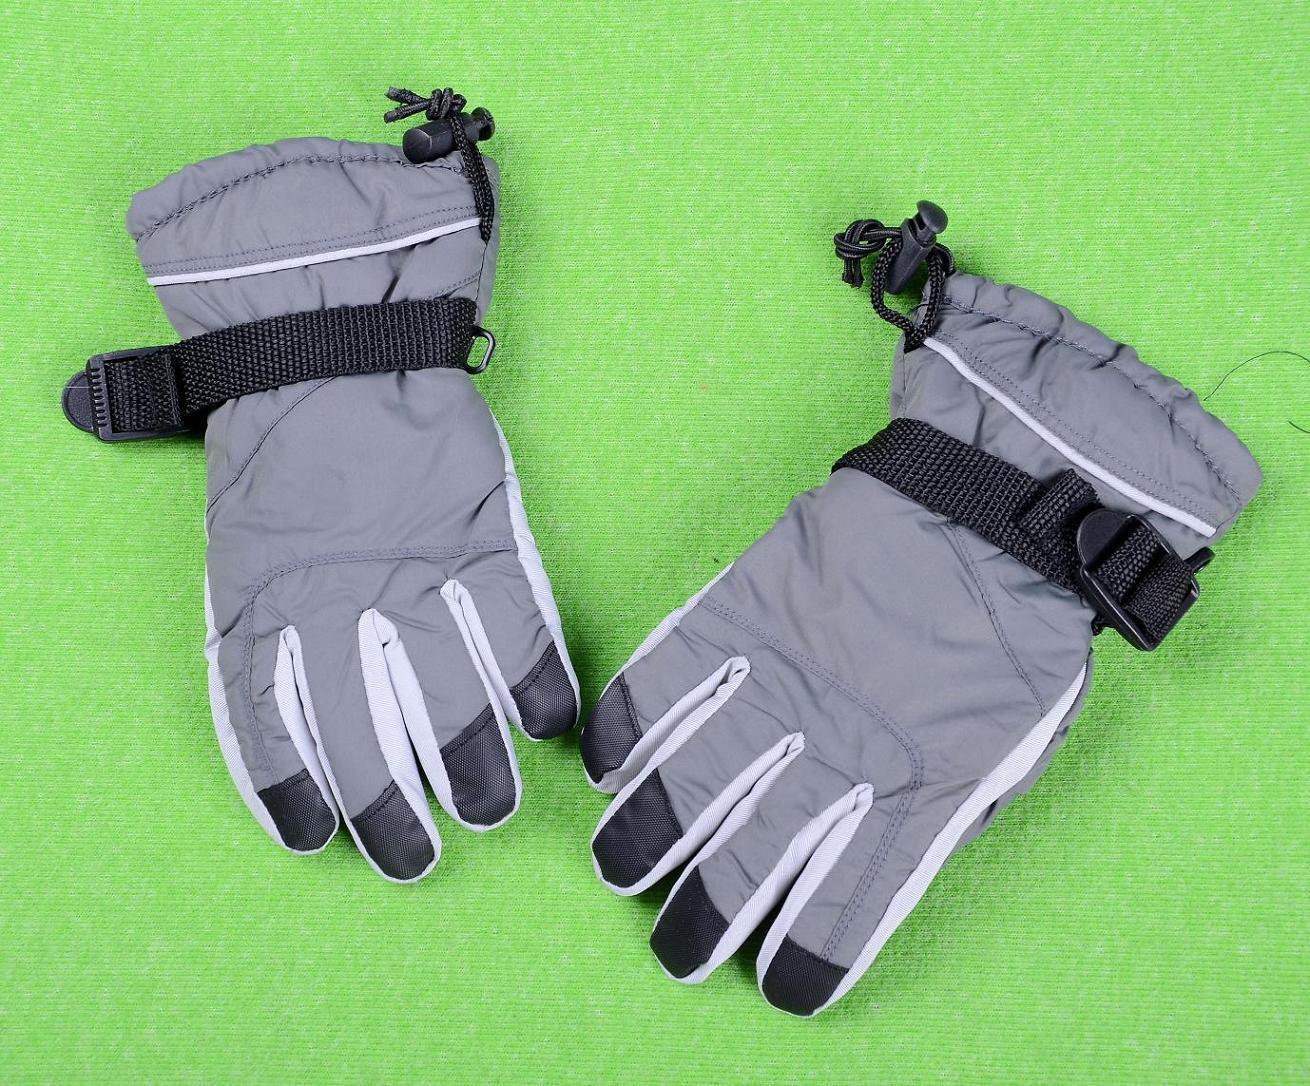 Kids Ski Glove/Kids′ Five Finger Glove/ Children Ski Glove/Children Winter Glove/Detox Glove/Okotex Glove/Mitten Ski Glove/ Winter Glove